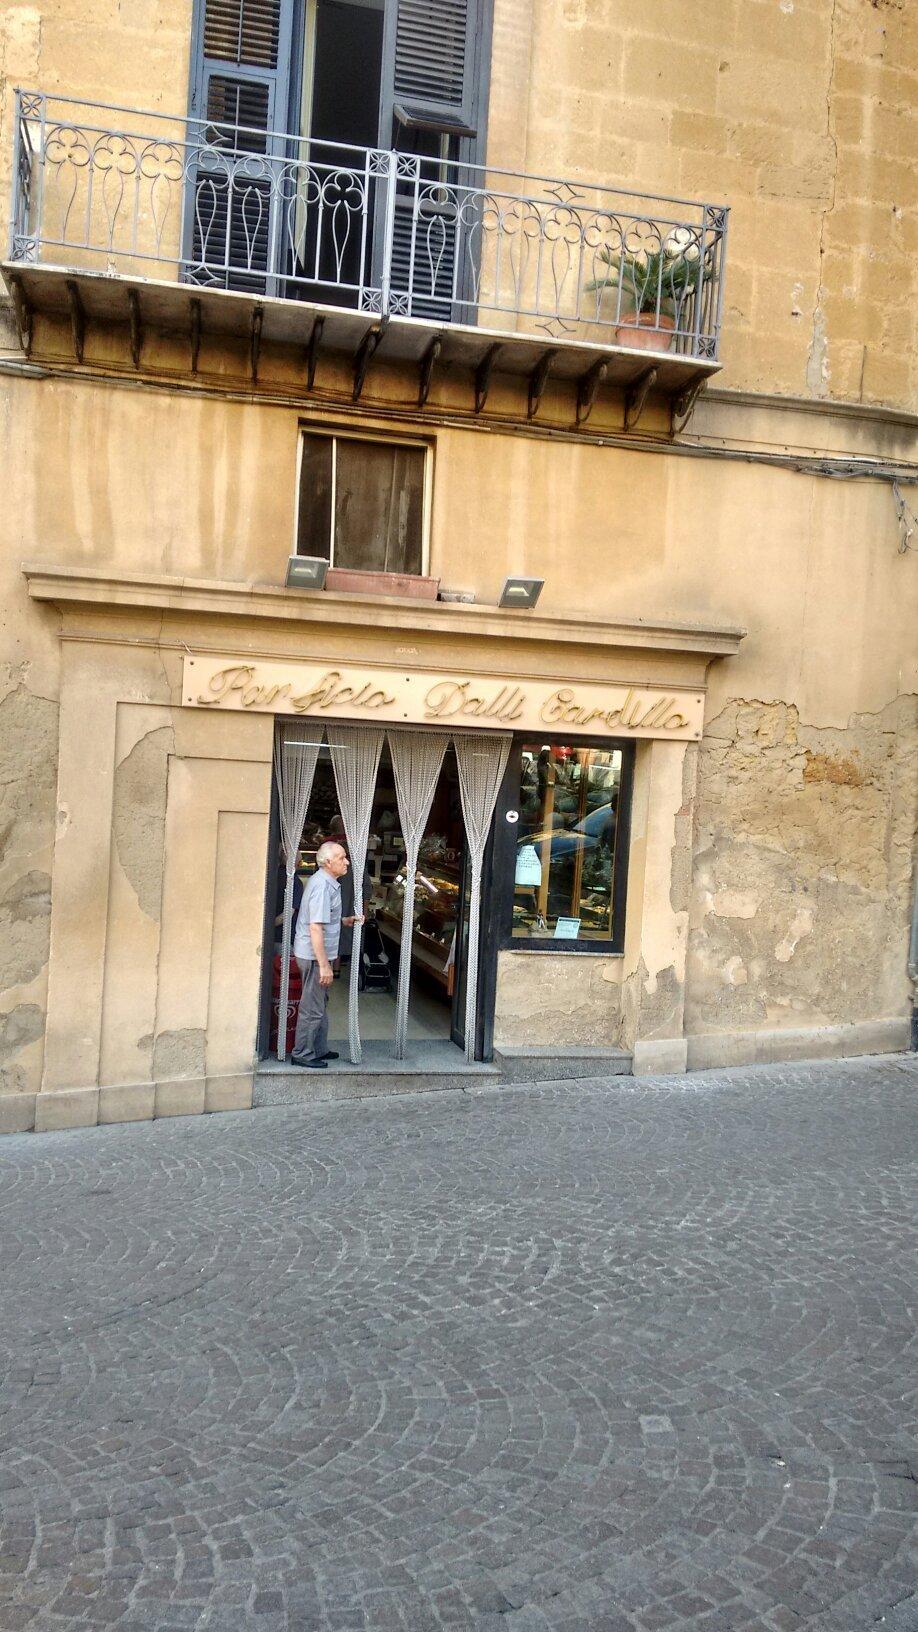 Panificio Dalli Cardillo